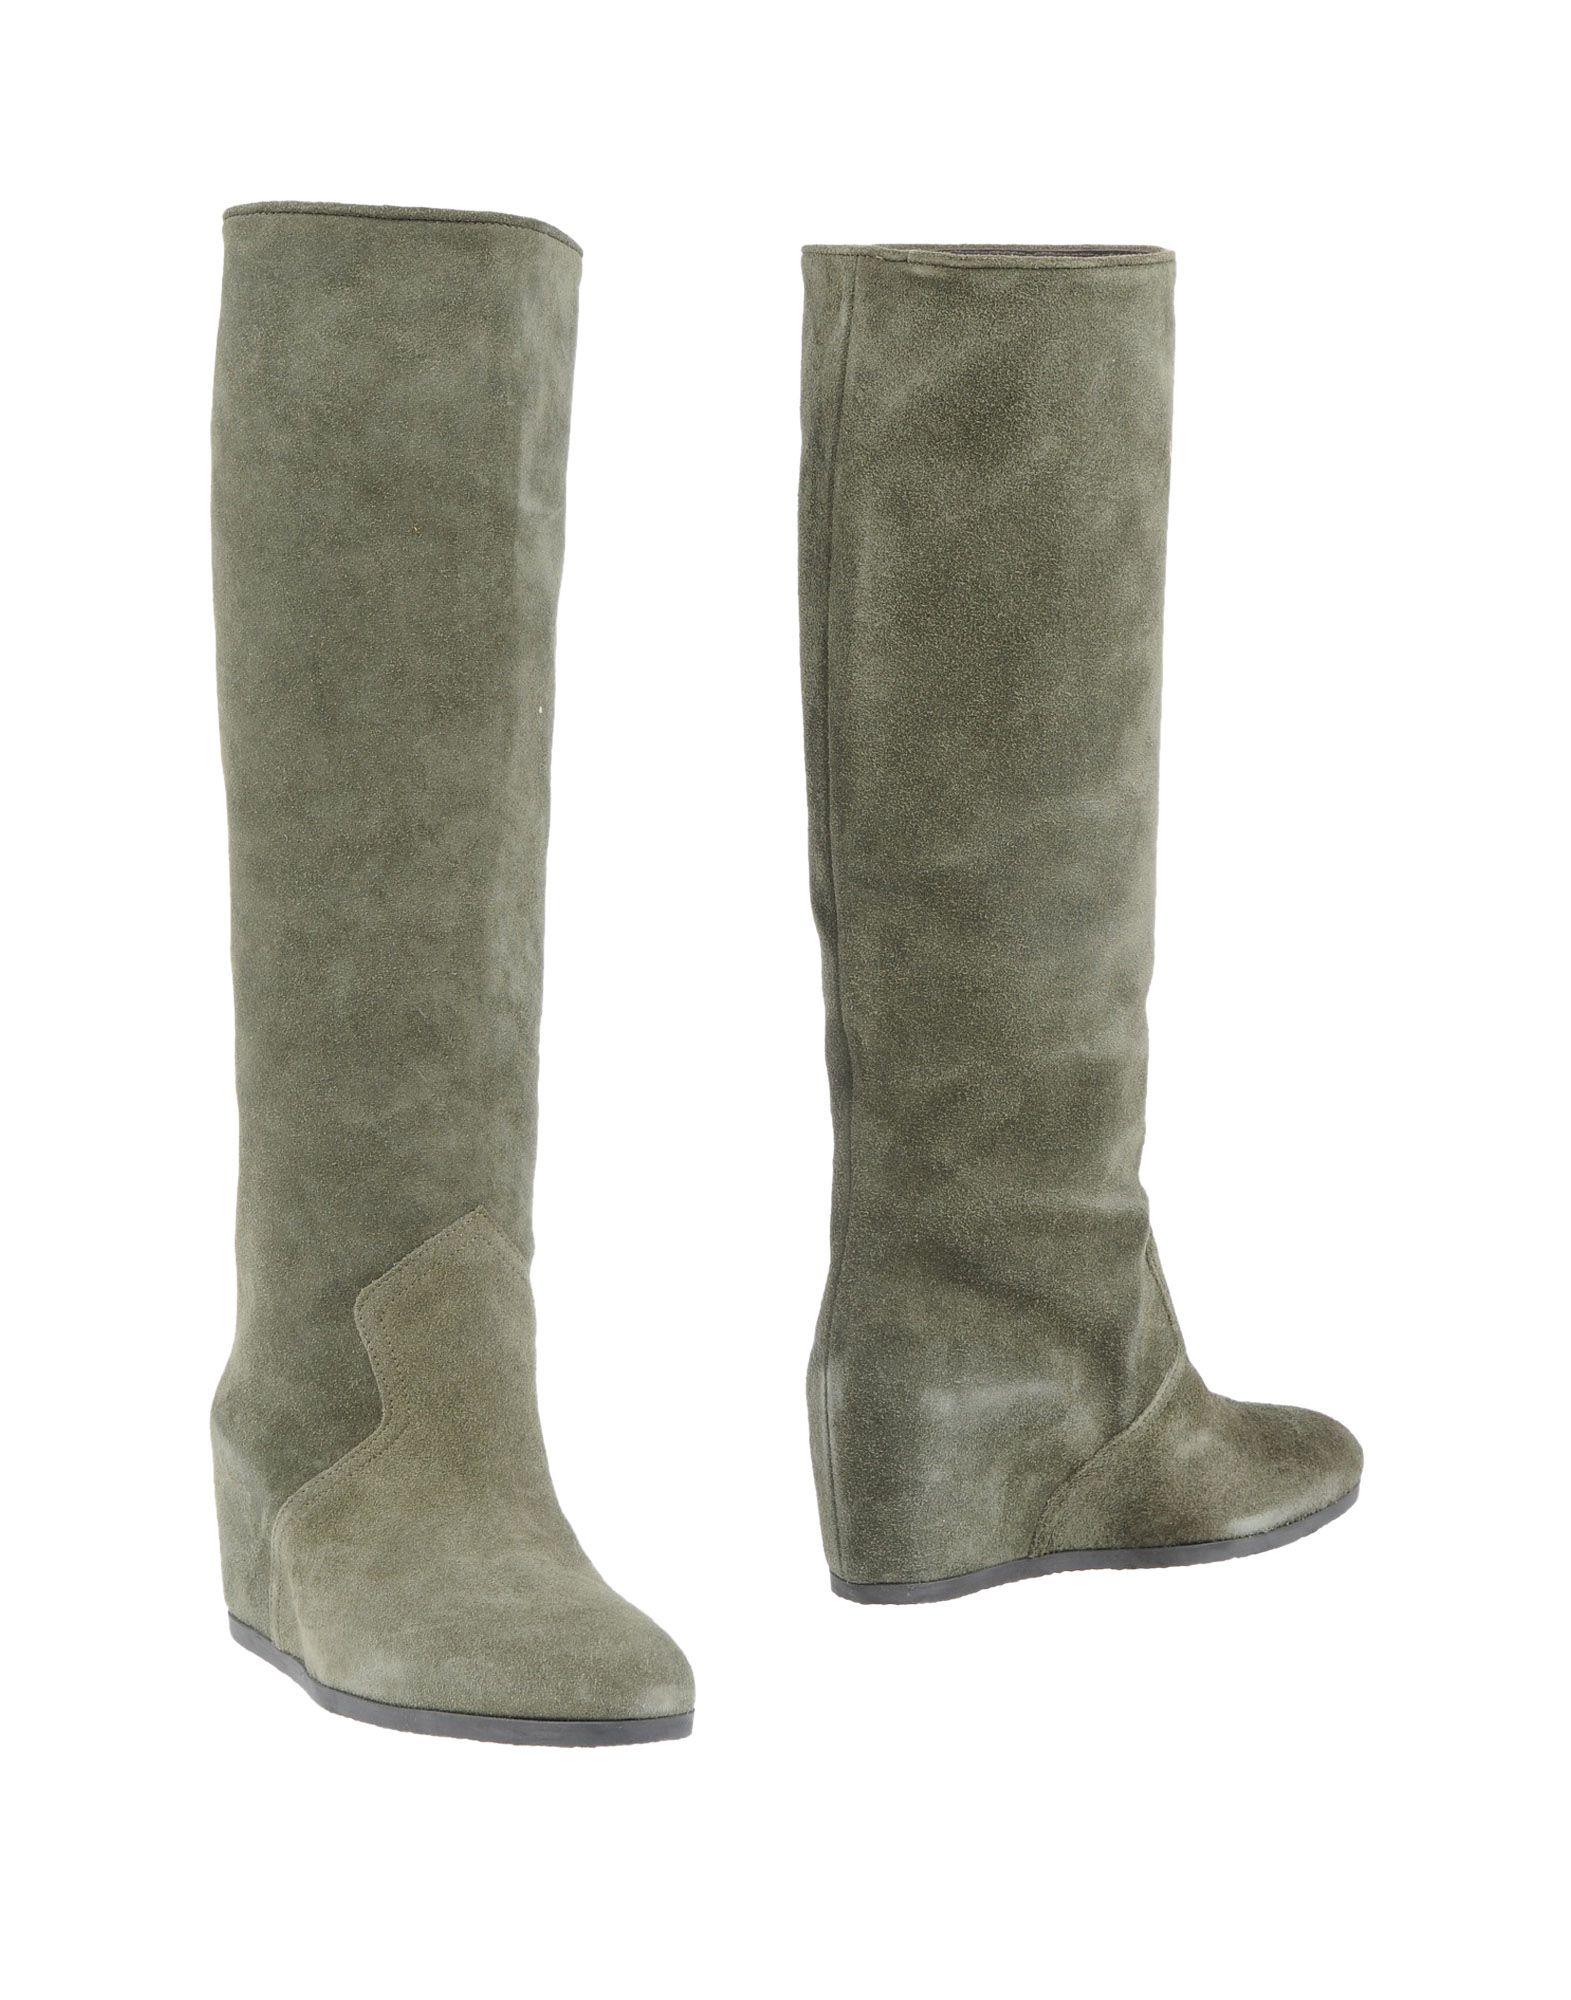 Haltbare Mode billige Schuhe Malìparmi Stiefel Damen  11329032DD Heiße Schuhe